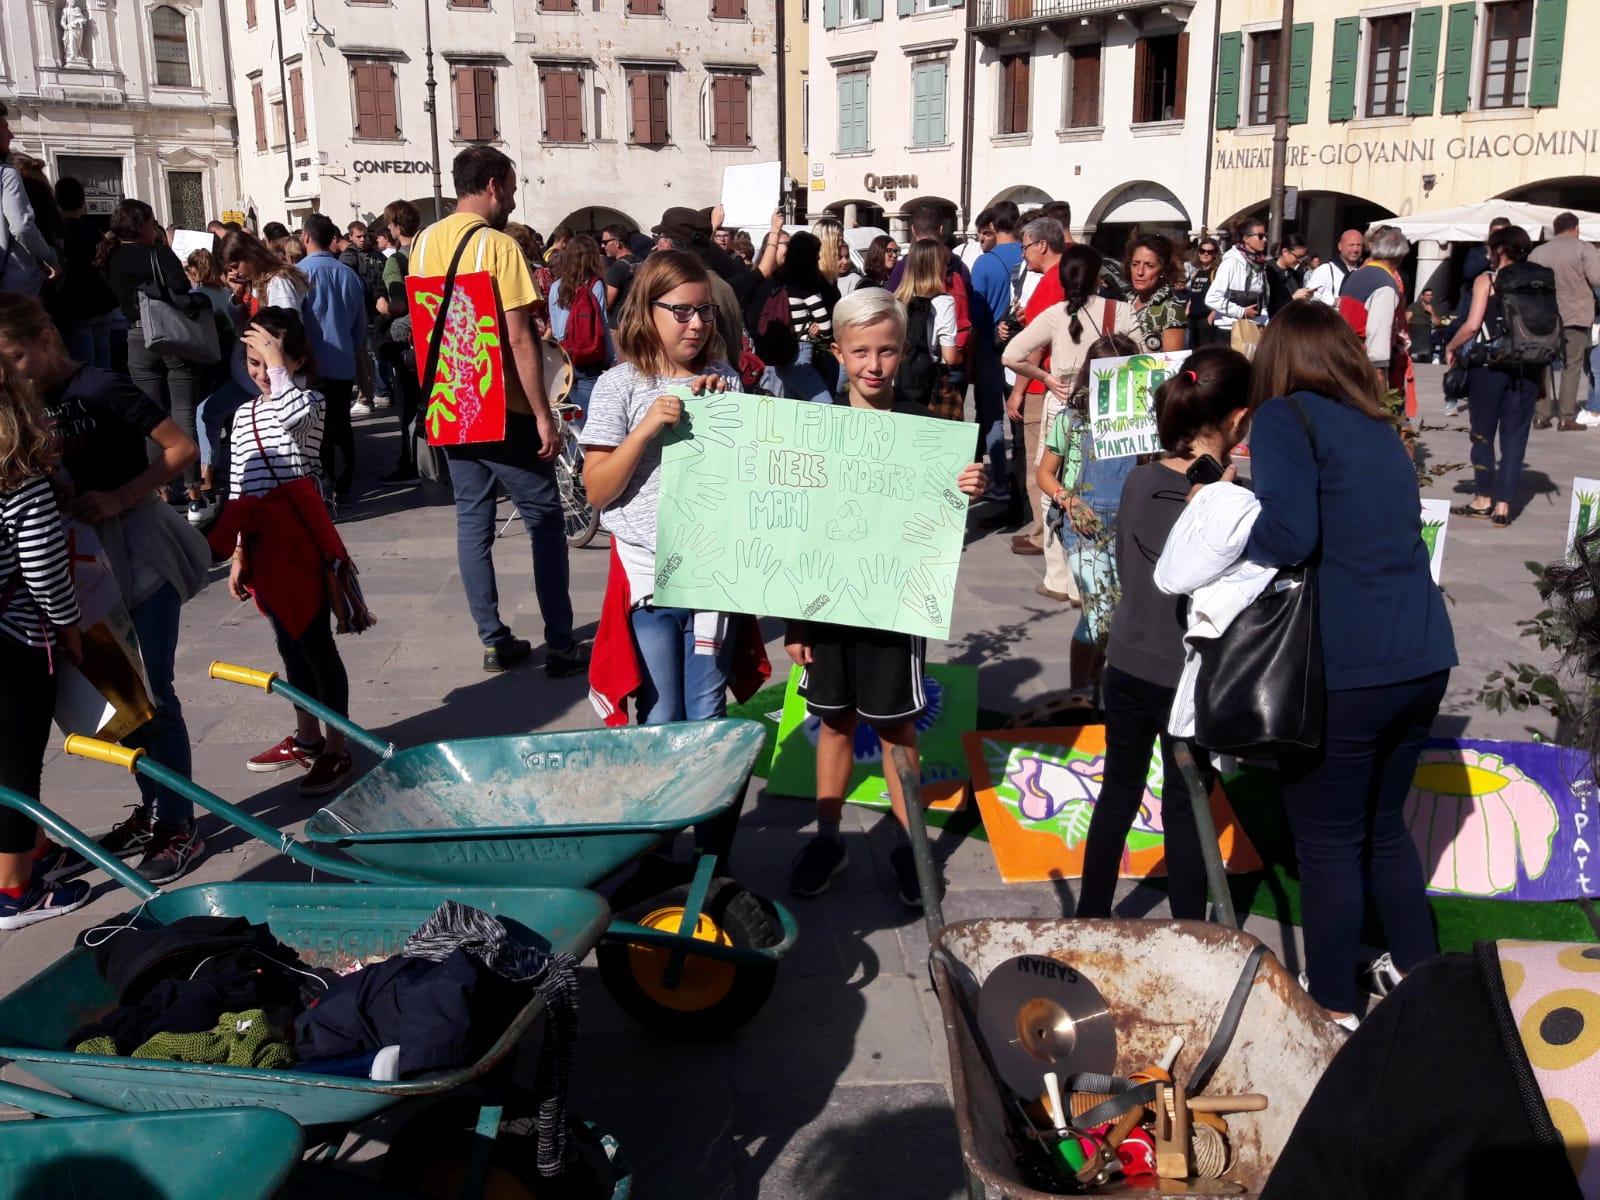 04 - Scuola pubblica Montessori con piantine e carriole